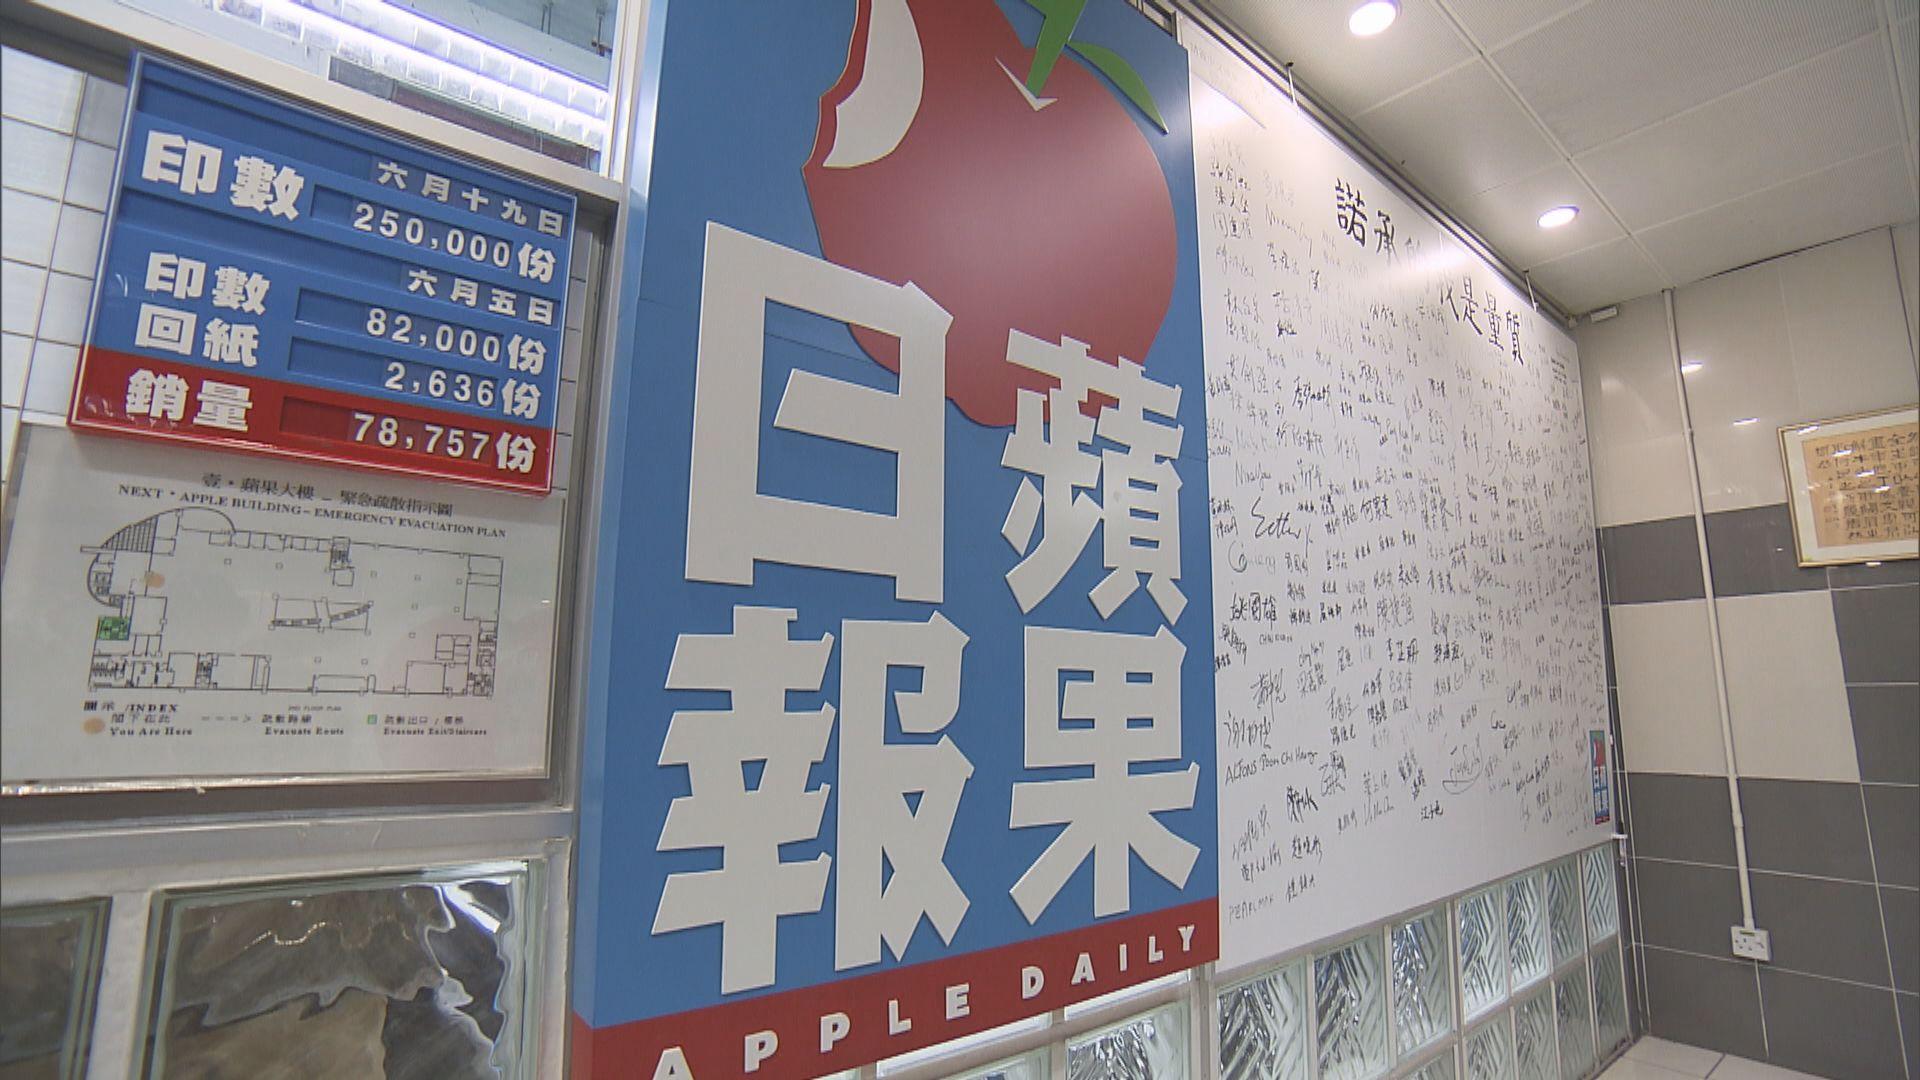 蘋果日報午夜前停止運作 明日出版最後一期